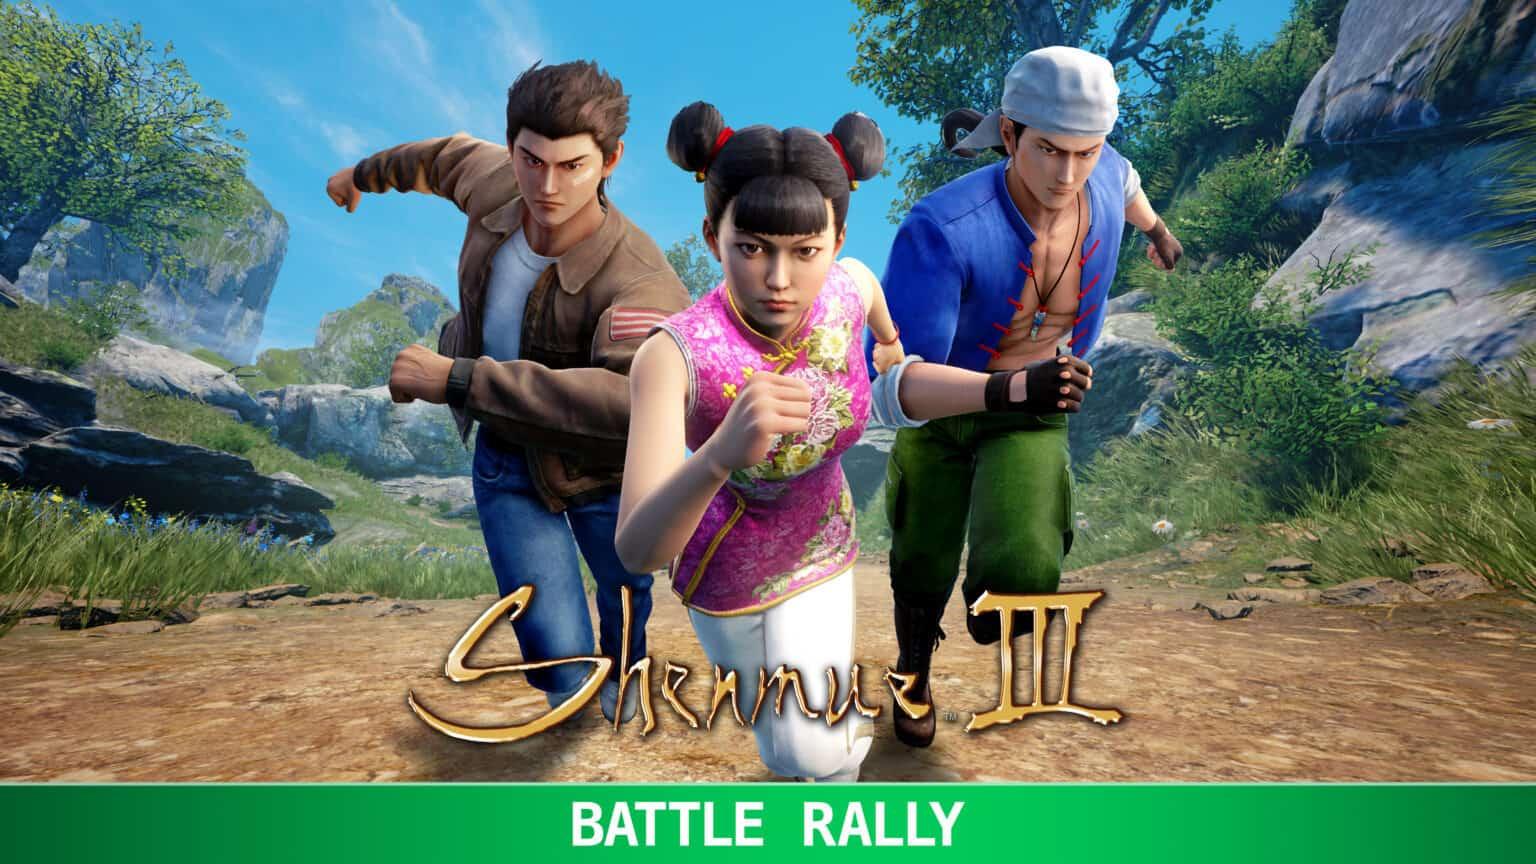 Shenmue 3 : Battle Rally, une première extension qui mise sur la course et la bagarre